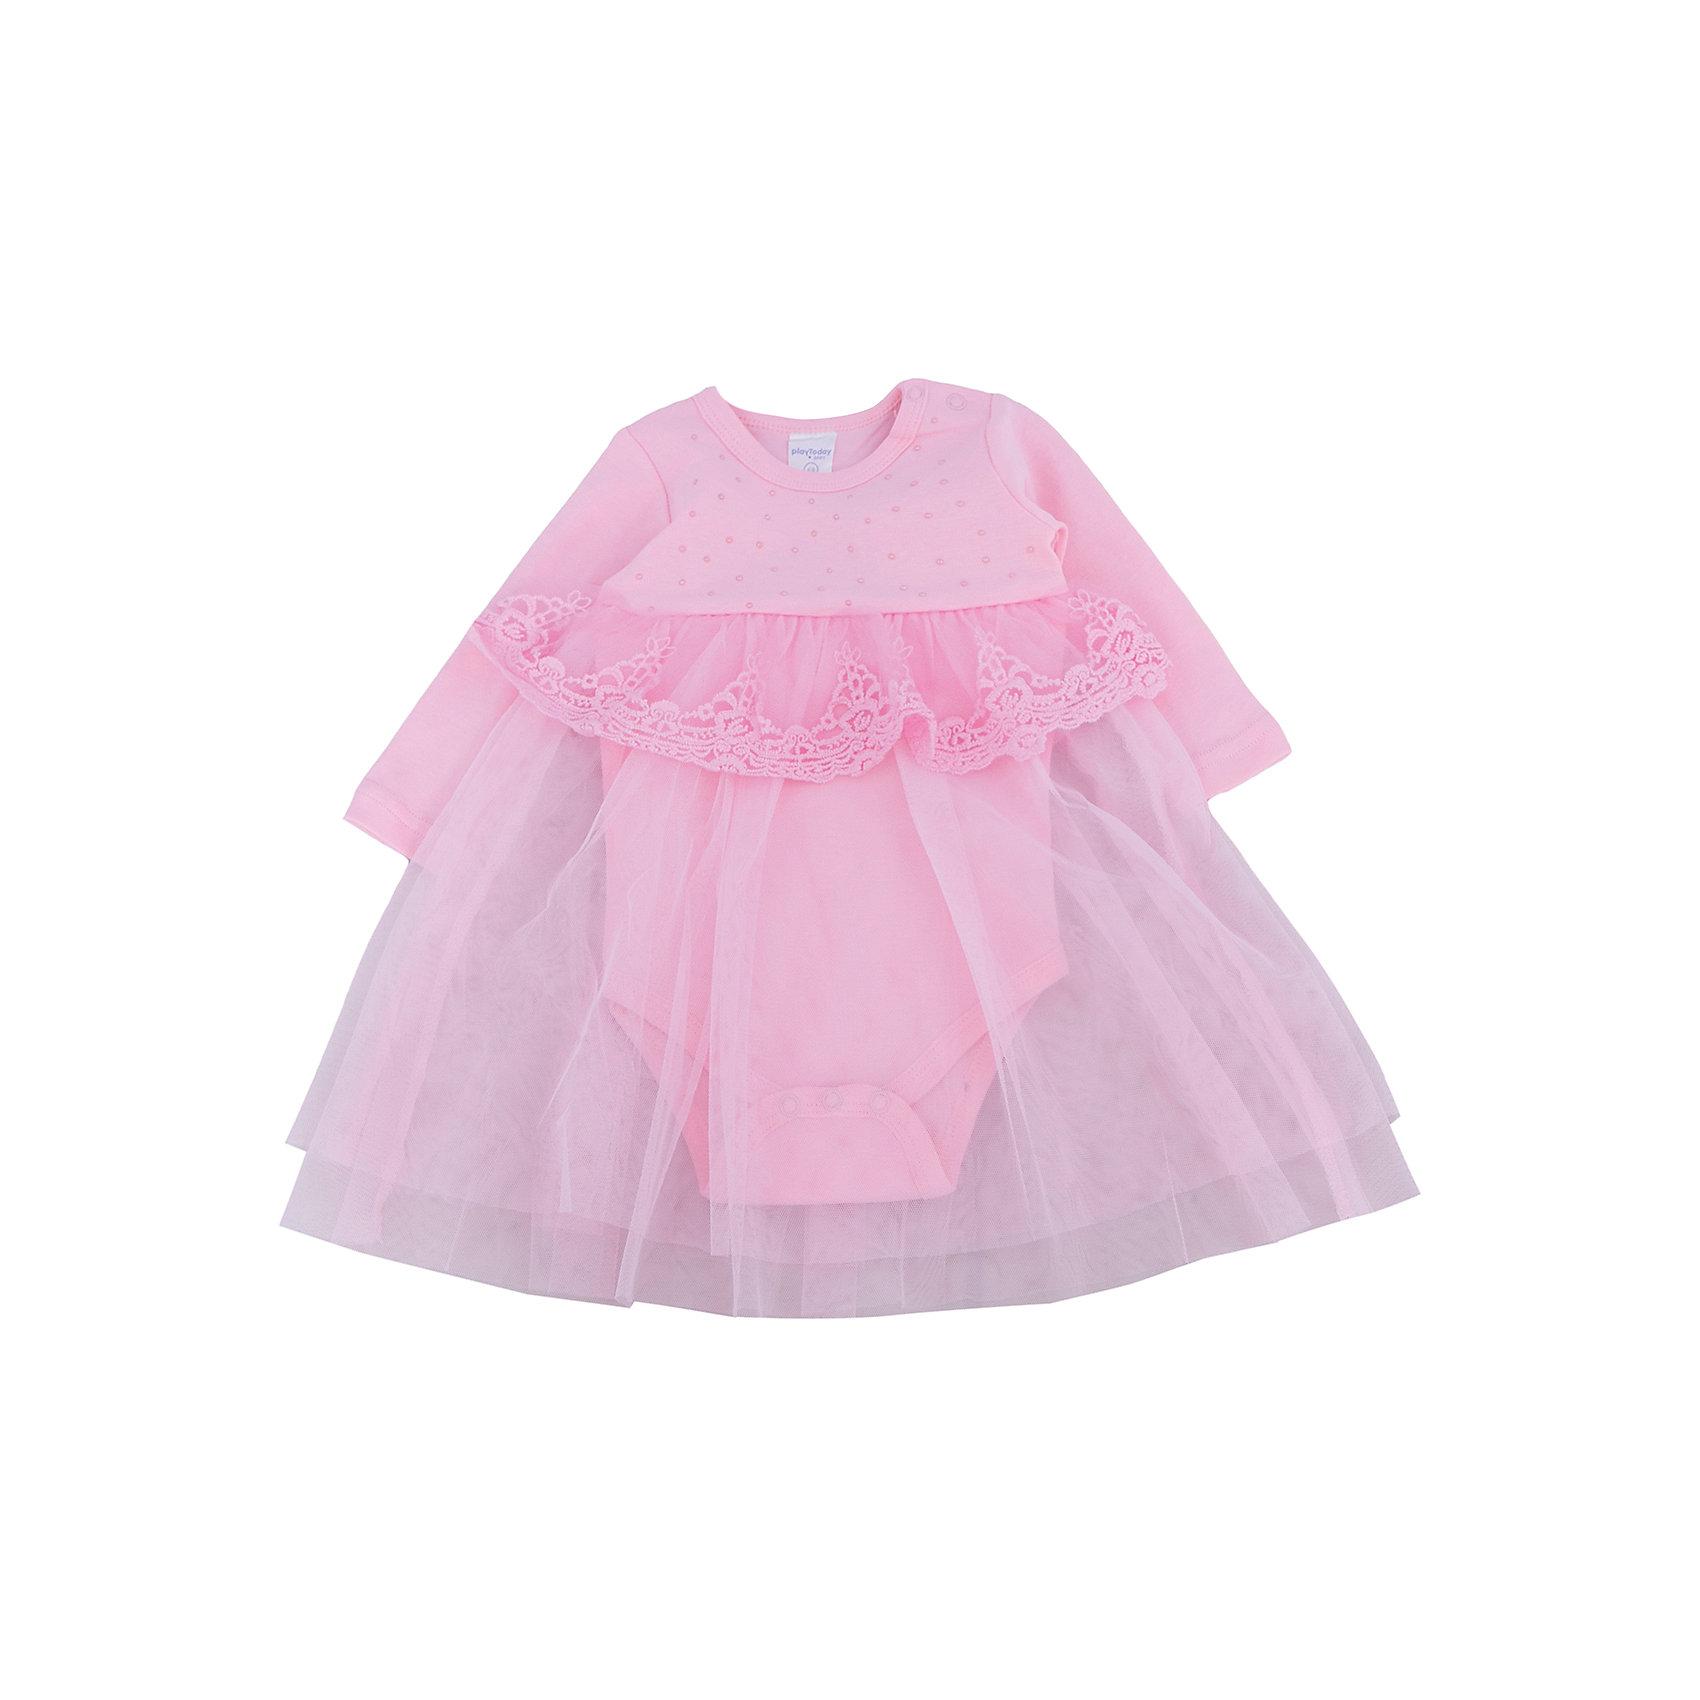 Нарядное боди-платье для девочки PlayTodayПлатья<br>Характеристики:<br><br>• Вид одежды: платье-боди<br>• Предназначение: праздничное платье<br>• Сезон: круглый год<br>• Материал: боди – 100% хлопок, юбка – 100% полиэстер<br>• Цвет: розовый<br>• Силуэт: расклешенная юбка<br>• Длина платья: миди<br>• Рукав: длинный<br>• Вырез горловины: круглый<br>• Застежка: кнопки на плече и снизу<br>• Особенности ухода: ручная стирка без применения отбеливающих средств, глажение при низкой температуре <br><br>PlayToday – это линейка детской одежды, которая предназначена как для повседневности, так и для праздников. Большинство моделей выполнены в классическом стиле, сочетающем в себе традиции с яркими стильными элементами и аксессуарами. Весь ассортимент одежды сочетается между собой по стилю и цветовому решению, поэтому Вам будет легко сформировать гардероб вашего ребенка, который отражает его индивидуальность. <br>Яркое платье для девочки PlayToday выполнено по типу боди с длинными рукавами. Нижняя часть состоит из 100% хлопка, юбка – из полиэстера розового цвета. У платья круглая горловина, длинный рукав. Юбка многослойная: нижняя более длинная и короткая из кружева, которым декорирована завышенная талия. Верхняя часть платья декорирована жемчужными стразами. Платье-боди легко надевать и снимать, на плече и снизу предусмотрены застежки-кнопки. Платье для девочки PlayToday – это стиль, качество и элегантность!<br><br>Платье для девочки PlayToday можно купить в нашем интернет-магазине.<br><br>Ширина мм: 236<br>Глубина мм: 16<br>Высота мм: 184<br>Вес г: 177<br>Цвет: розовый<br>Возраст от месяцев: 18<br>Возраст до месяцев: 24<br>Пол: Женский<br>Возраст: Детский<br>Размер: 86,68,74,62,80,92<br>SKU: 5059390